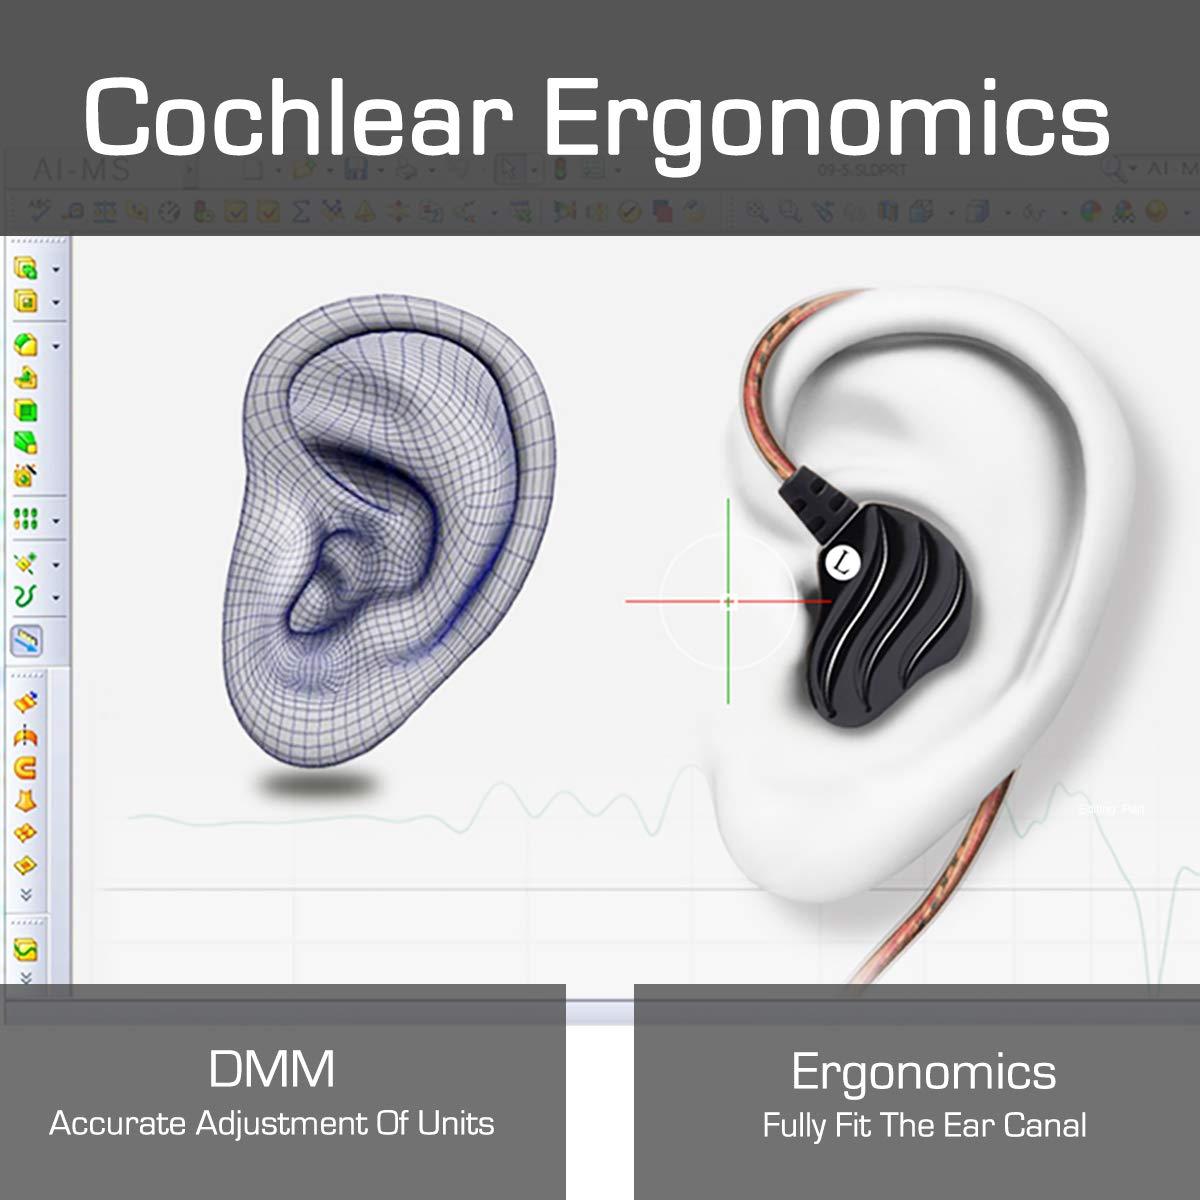 Cochlear 35mm Jack Wiring Diagram Archive Of Automotive Komatsu Pc75uu 1 Yianerm K 08 Hifi Noise Isolating In Ear Headphone Ergonomic Rh Amazon Co Uk